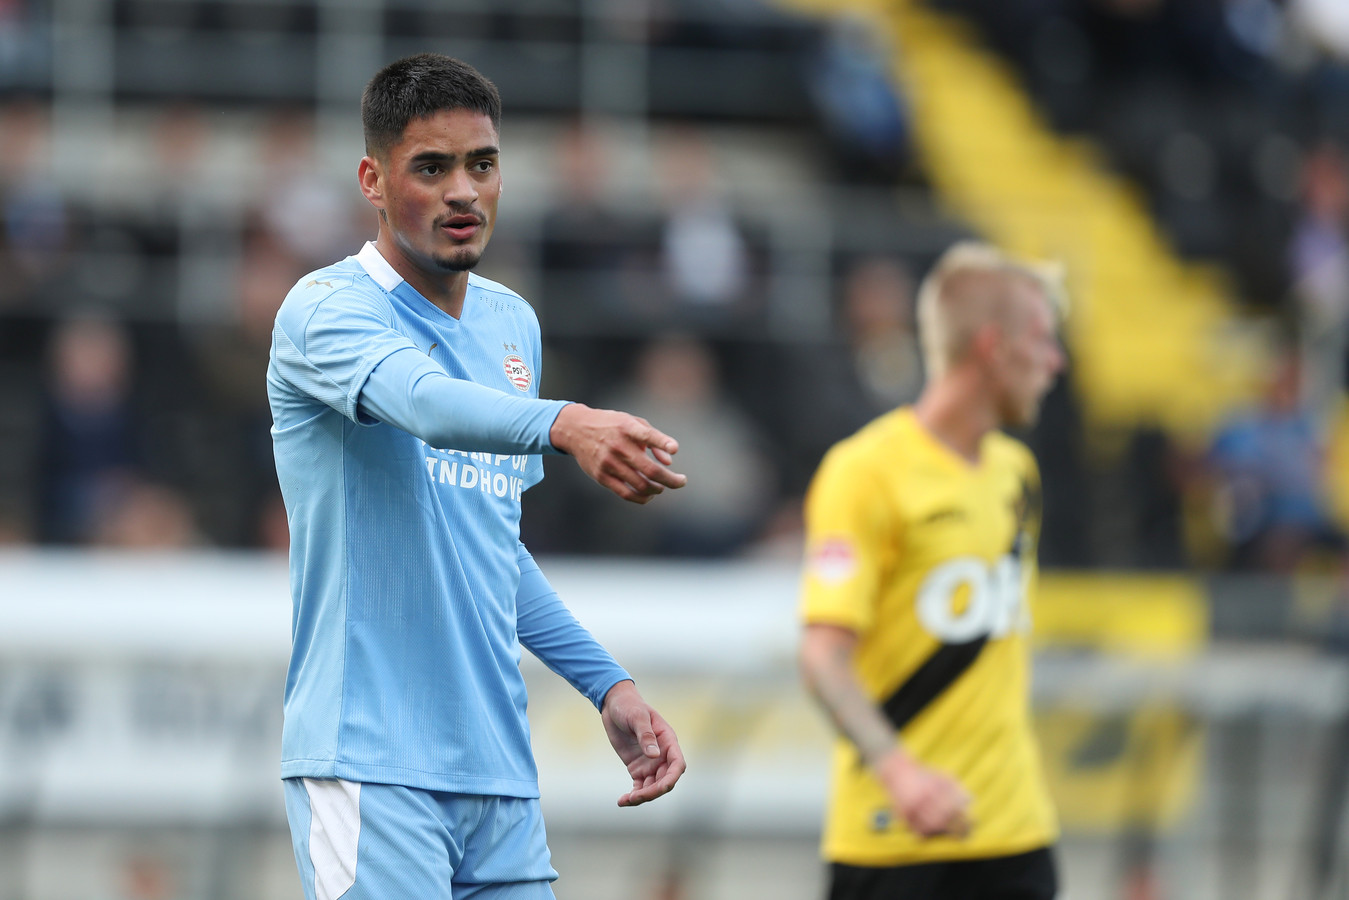 Luis Felipe had een aantal goede intercepties in huis, maar kon de nederlaag van Jong PSV niet afwenden.